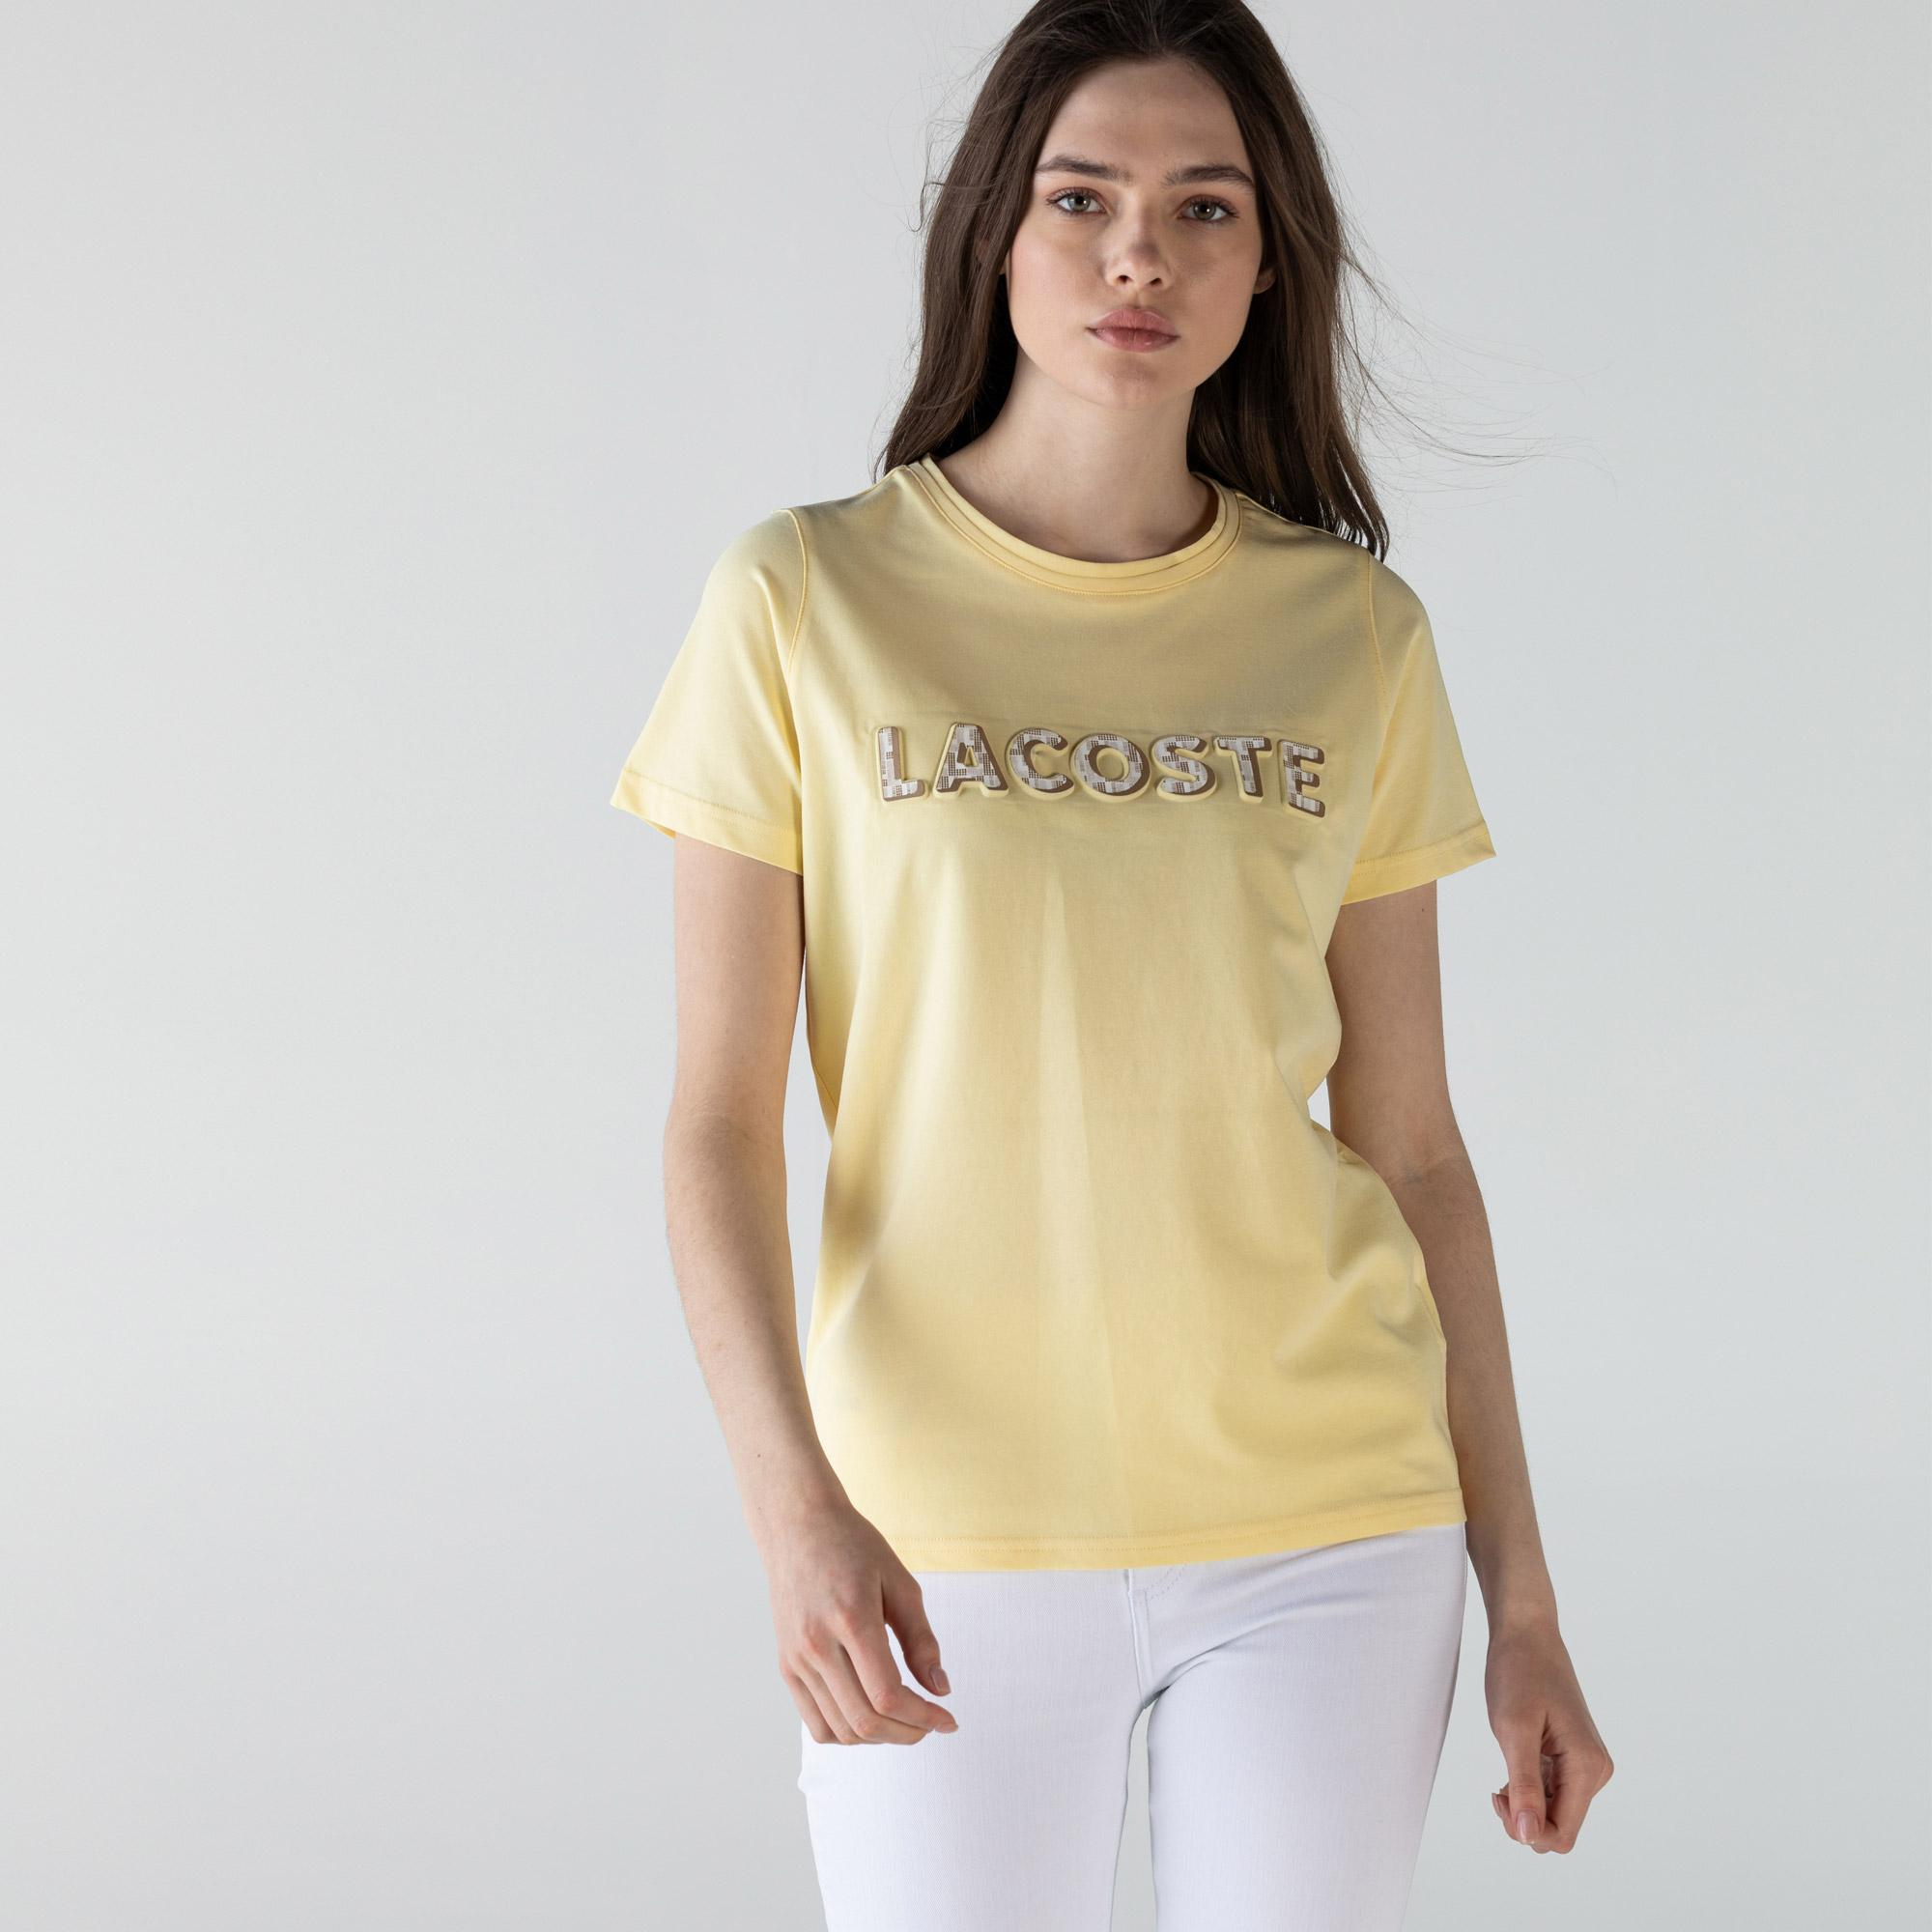 Lacoste Kadın Slim Fit Bisiklet Yaka Baskılı Sarı T-Shirt